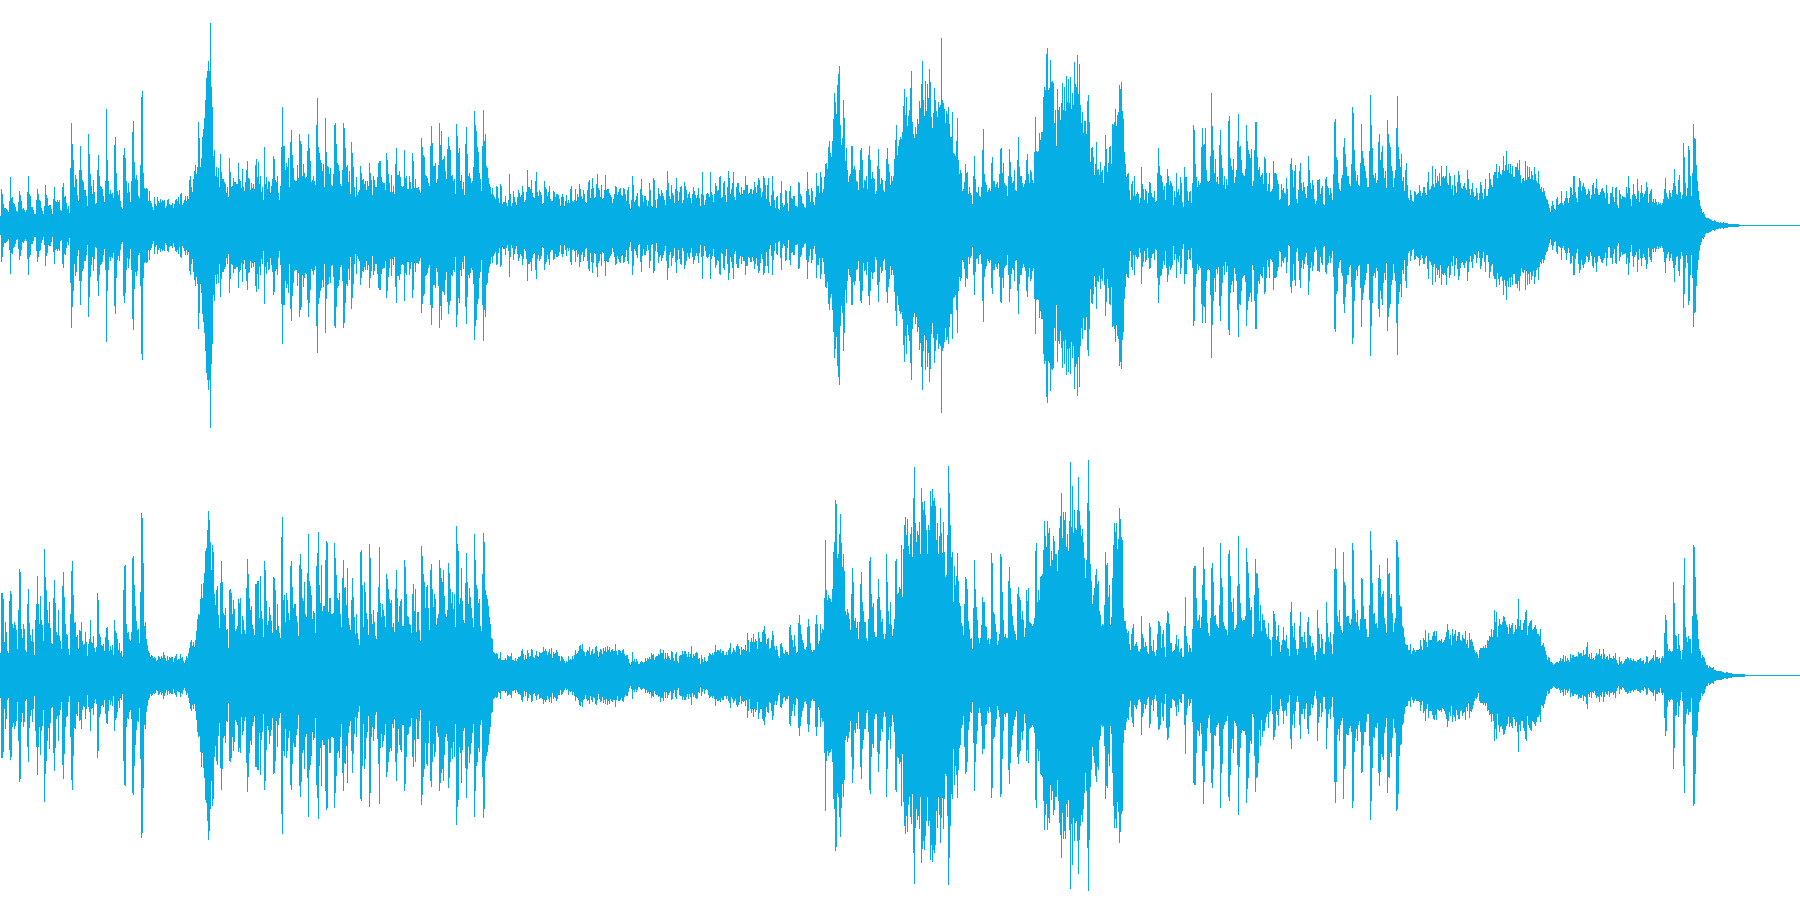 ホラー系、不気味、怖い、恐怖の曲の再生済みの波形